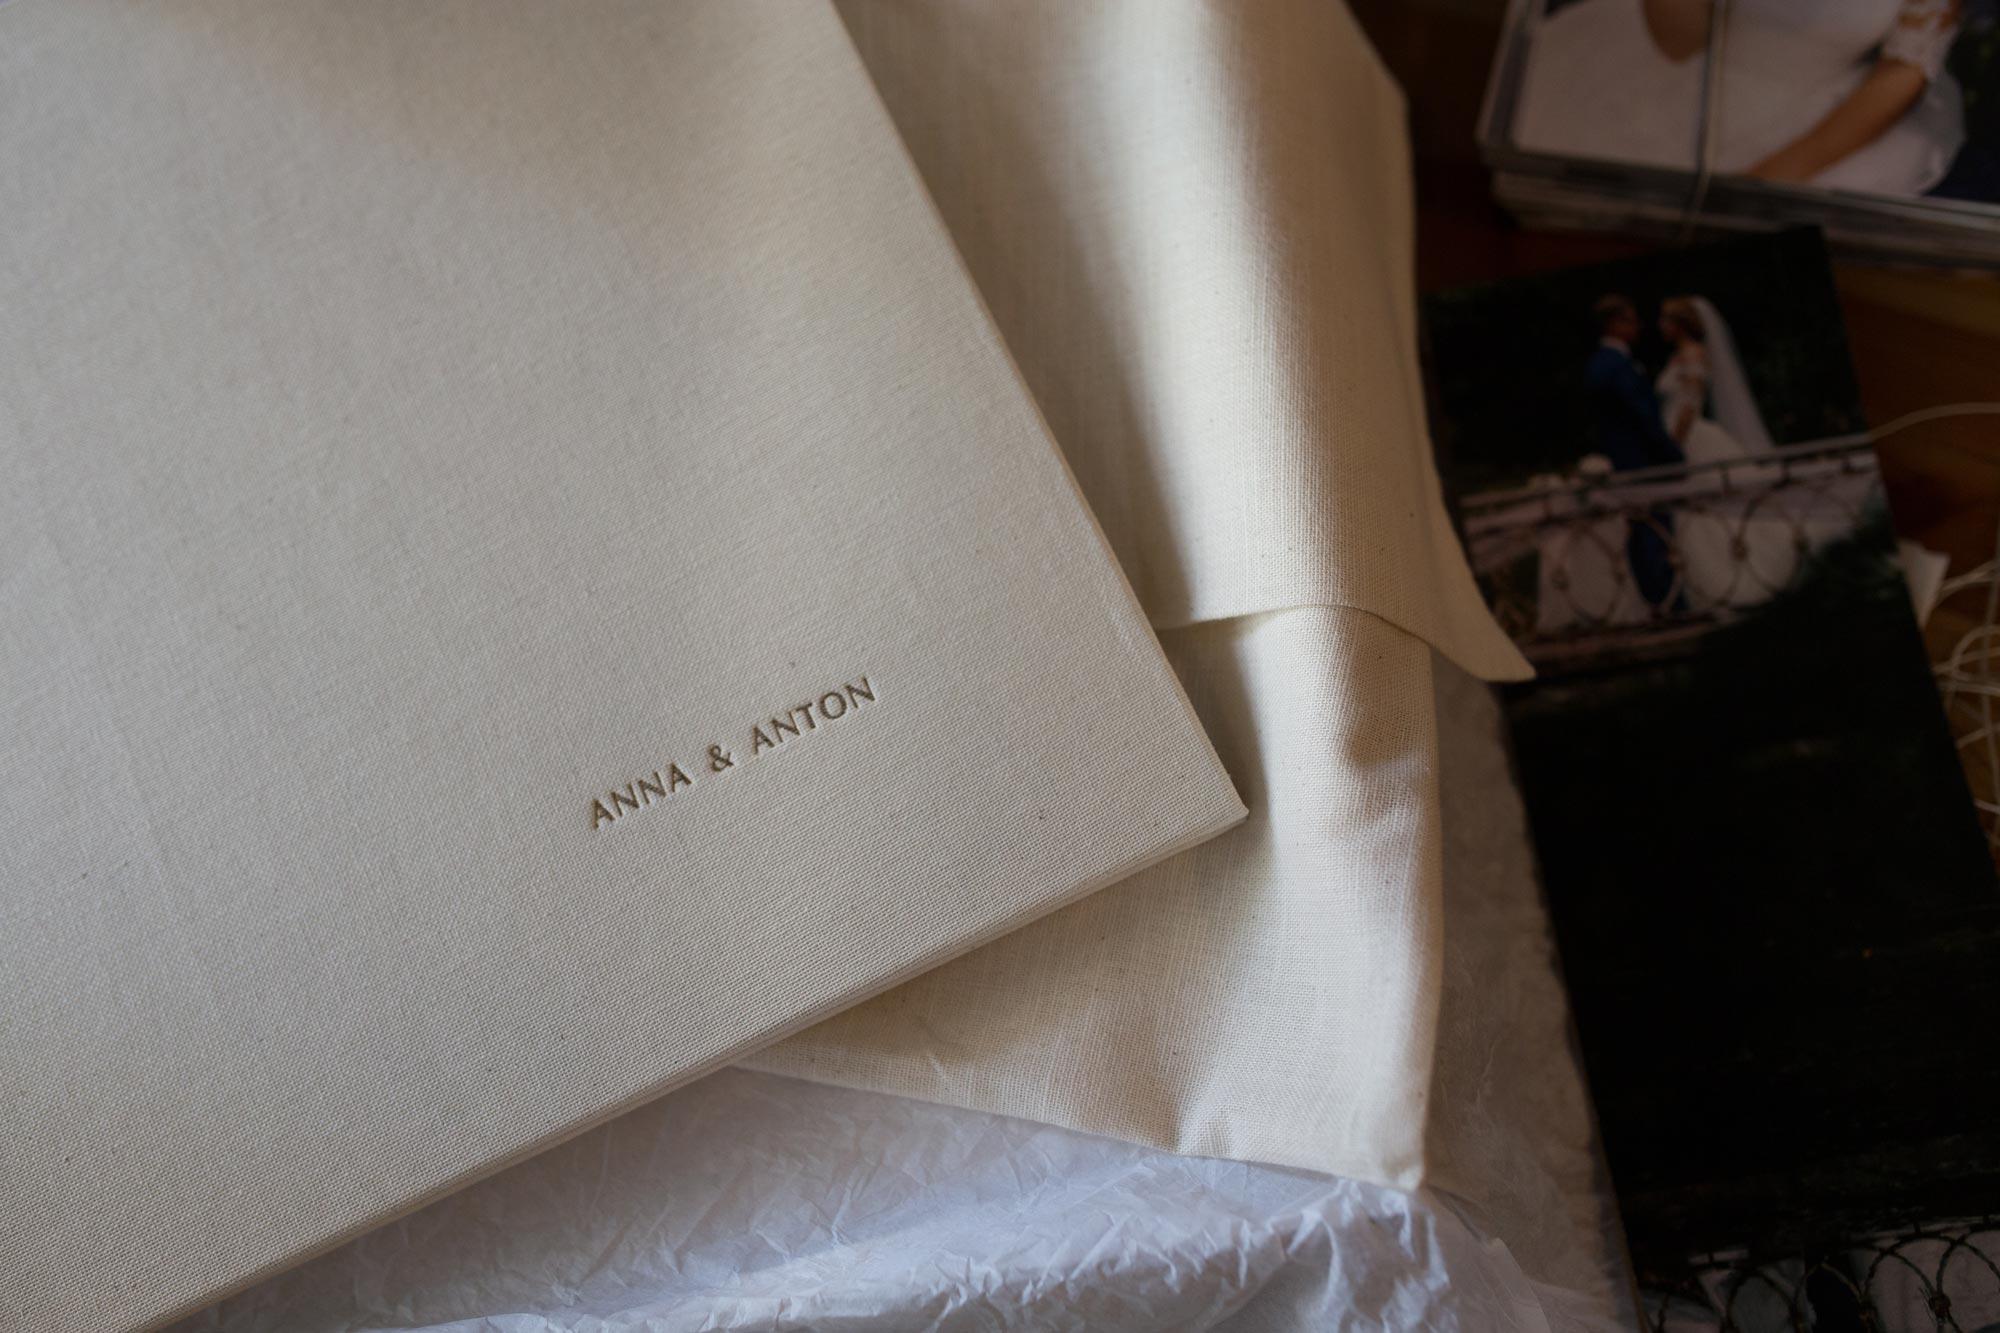 It's My Album - names print on album cover example